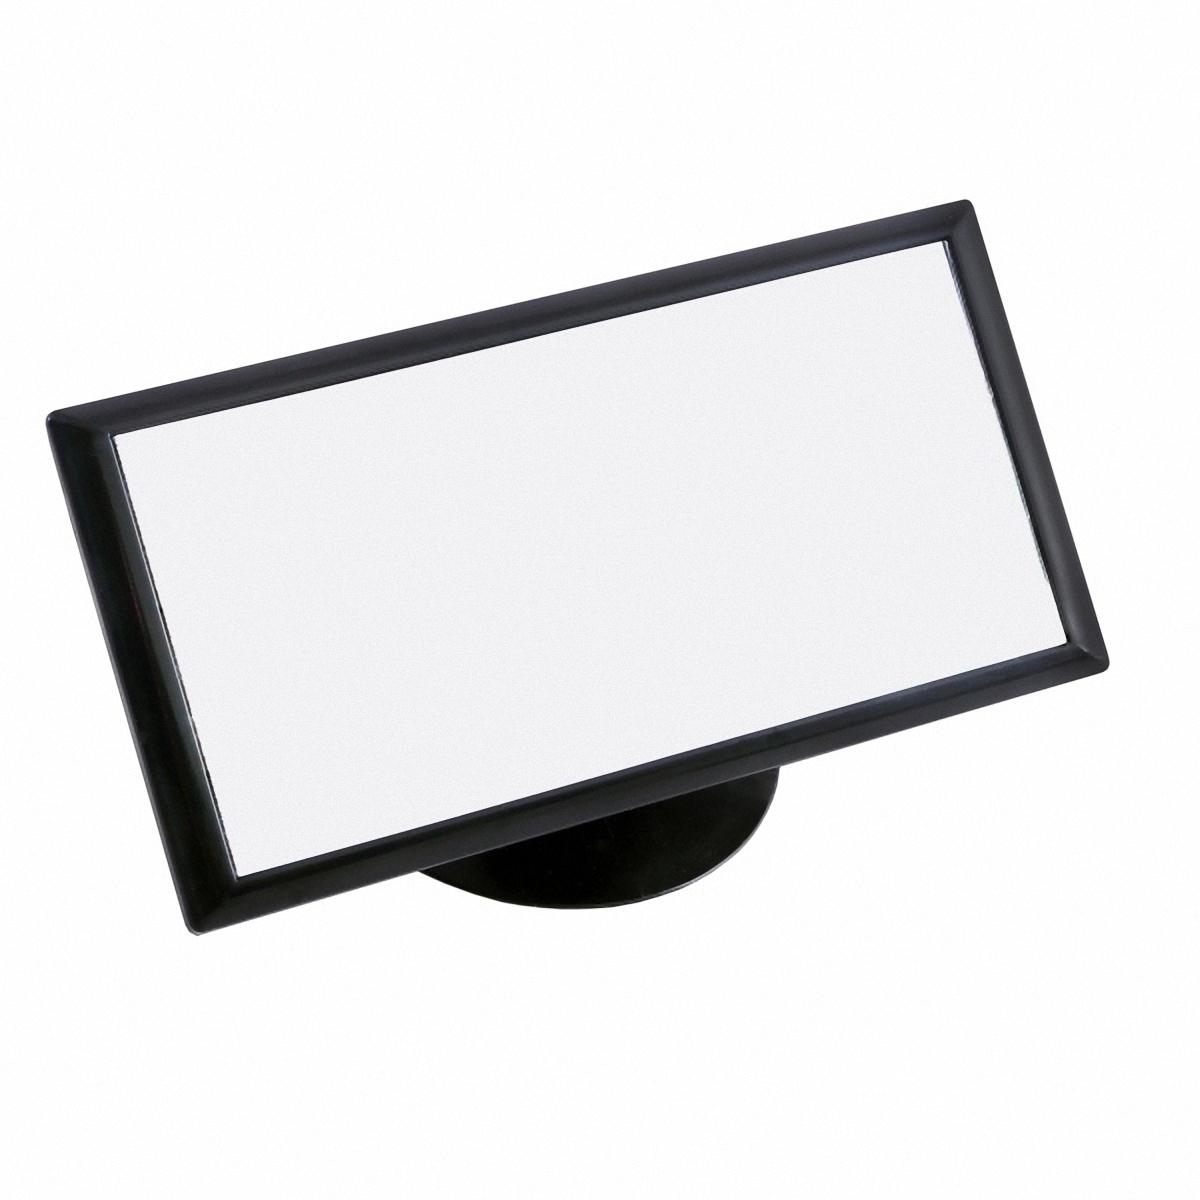 Зеркало внутрисалонное Skyway, на присоске. S01001001S01001001Зеркало внутрисалонное на присоске изготовлено из прозрачного стекла. Легко установить и закрепить на стекле.